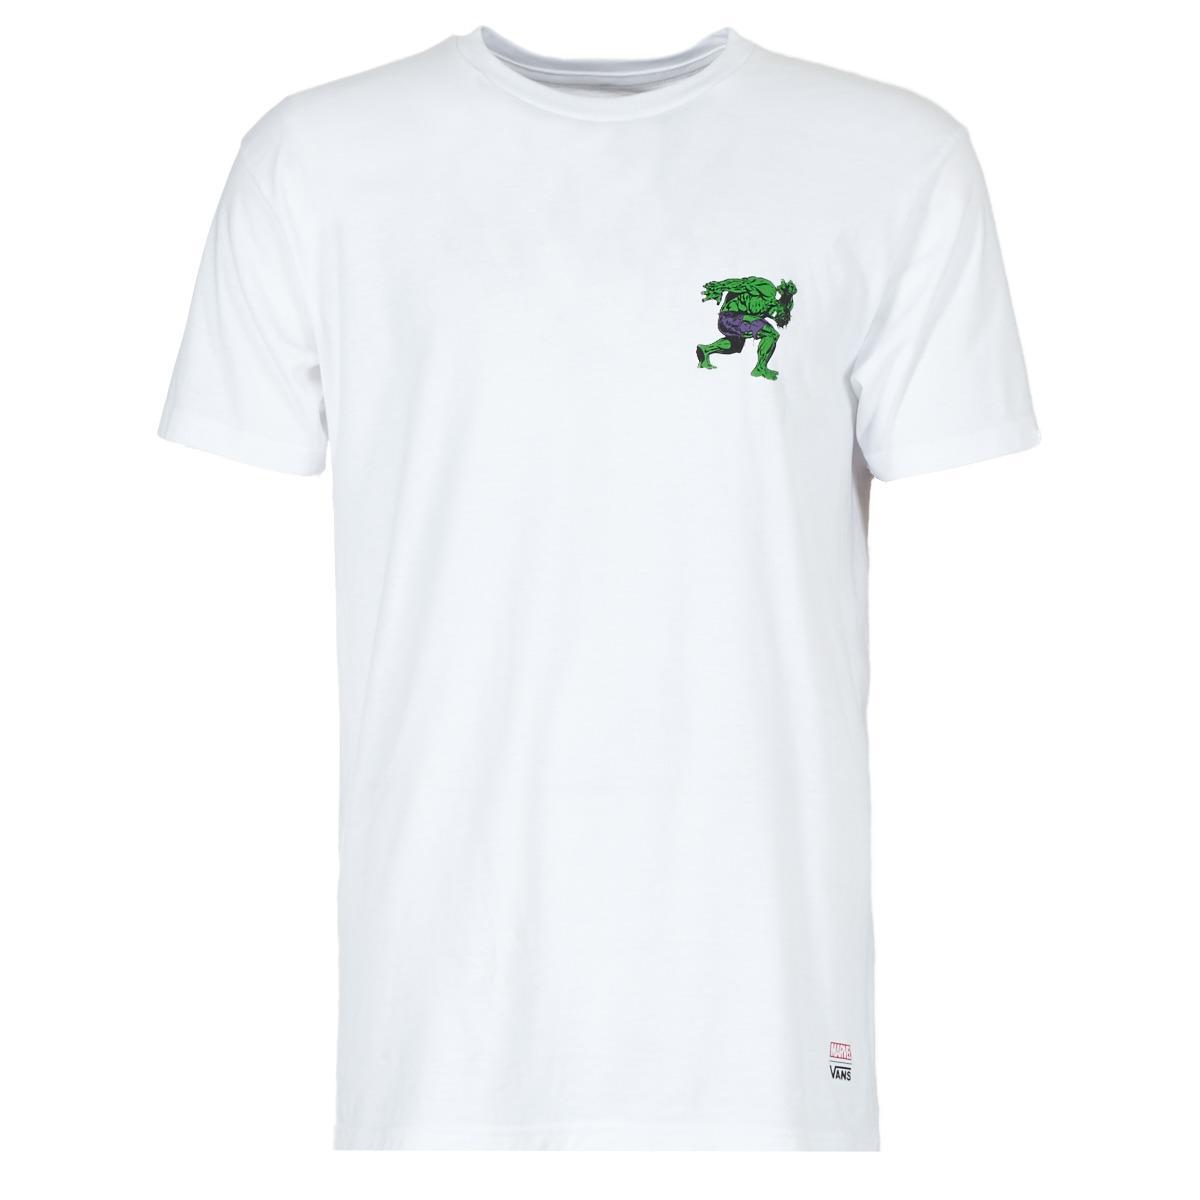 e5c8642ee Vans X Marvel Hulk Ss T Shirt in White for Men - Lyst